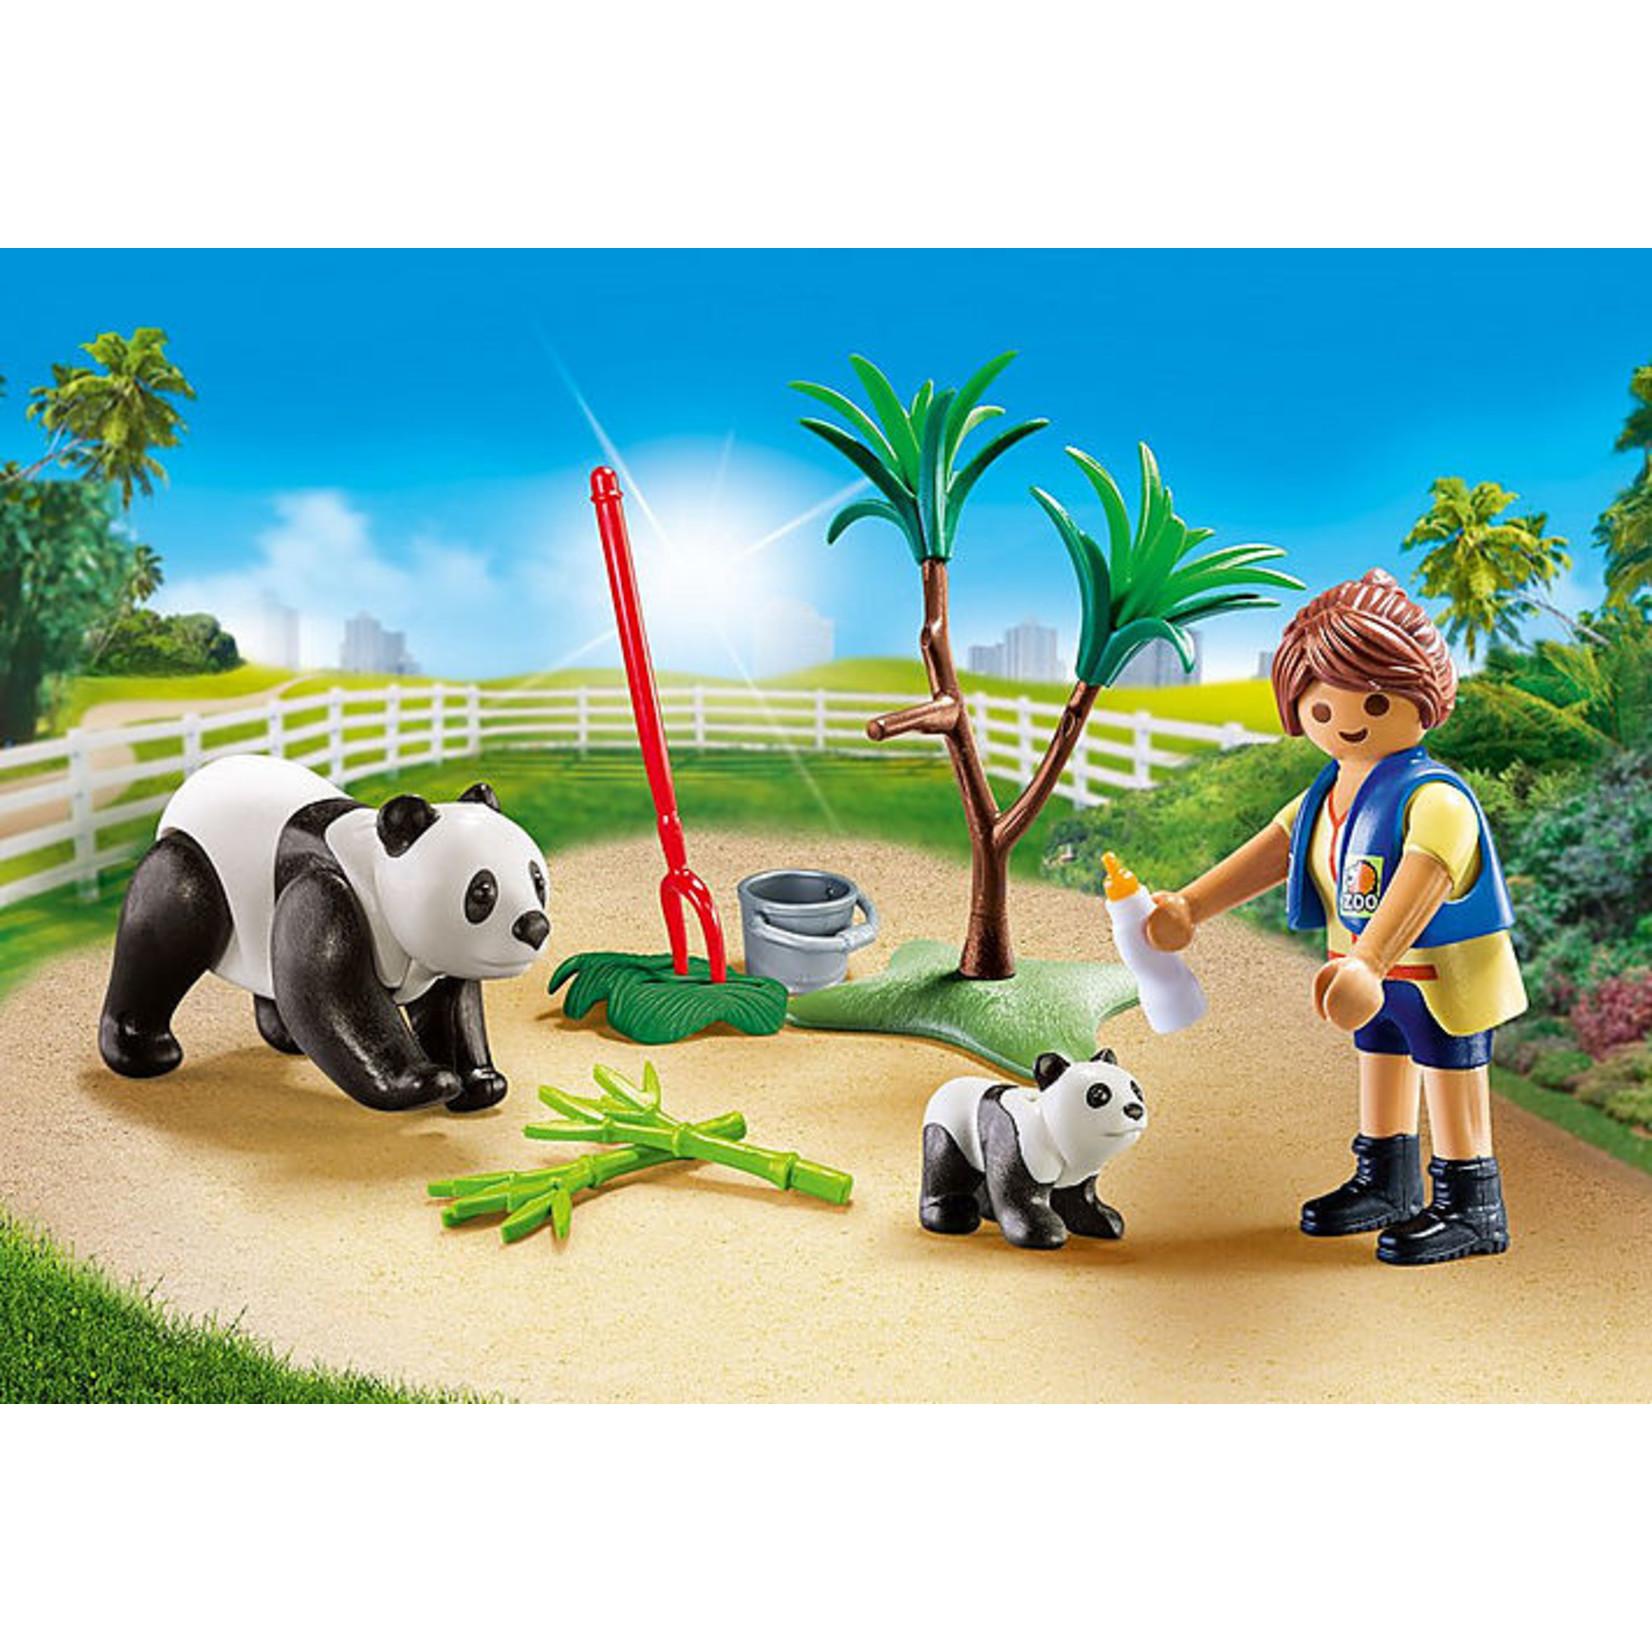 PLAYMOBIL PANDA CARETAKER